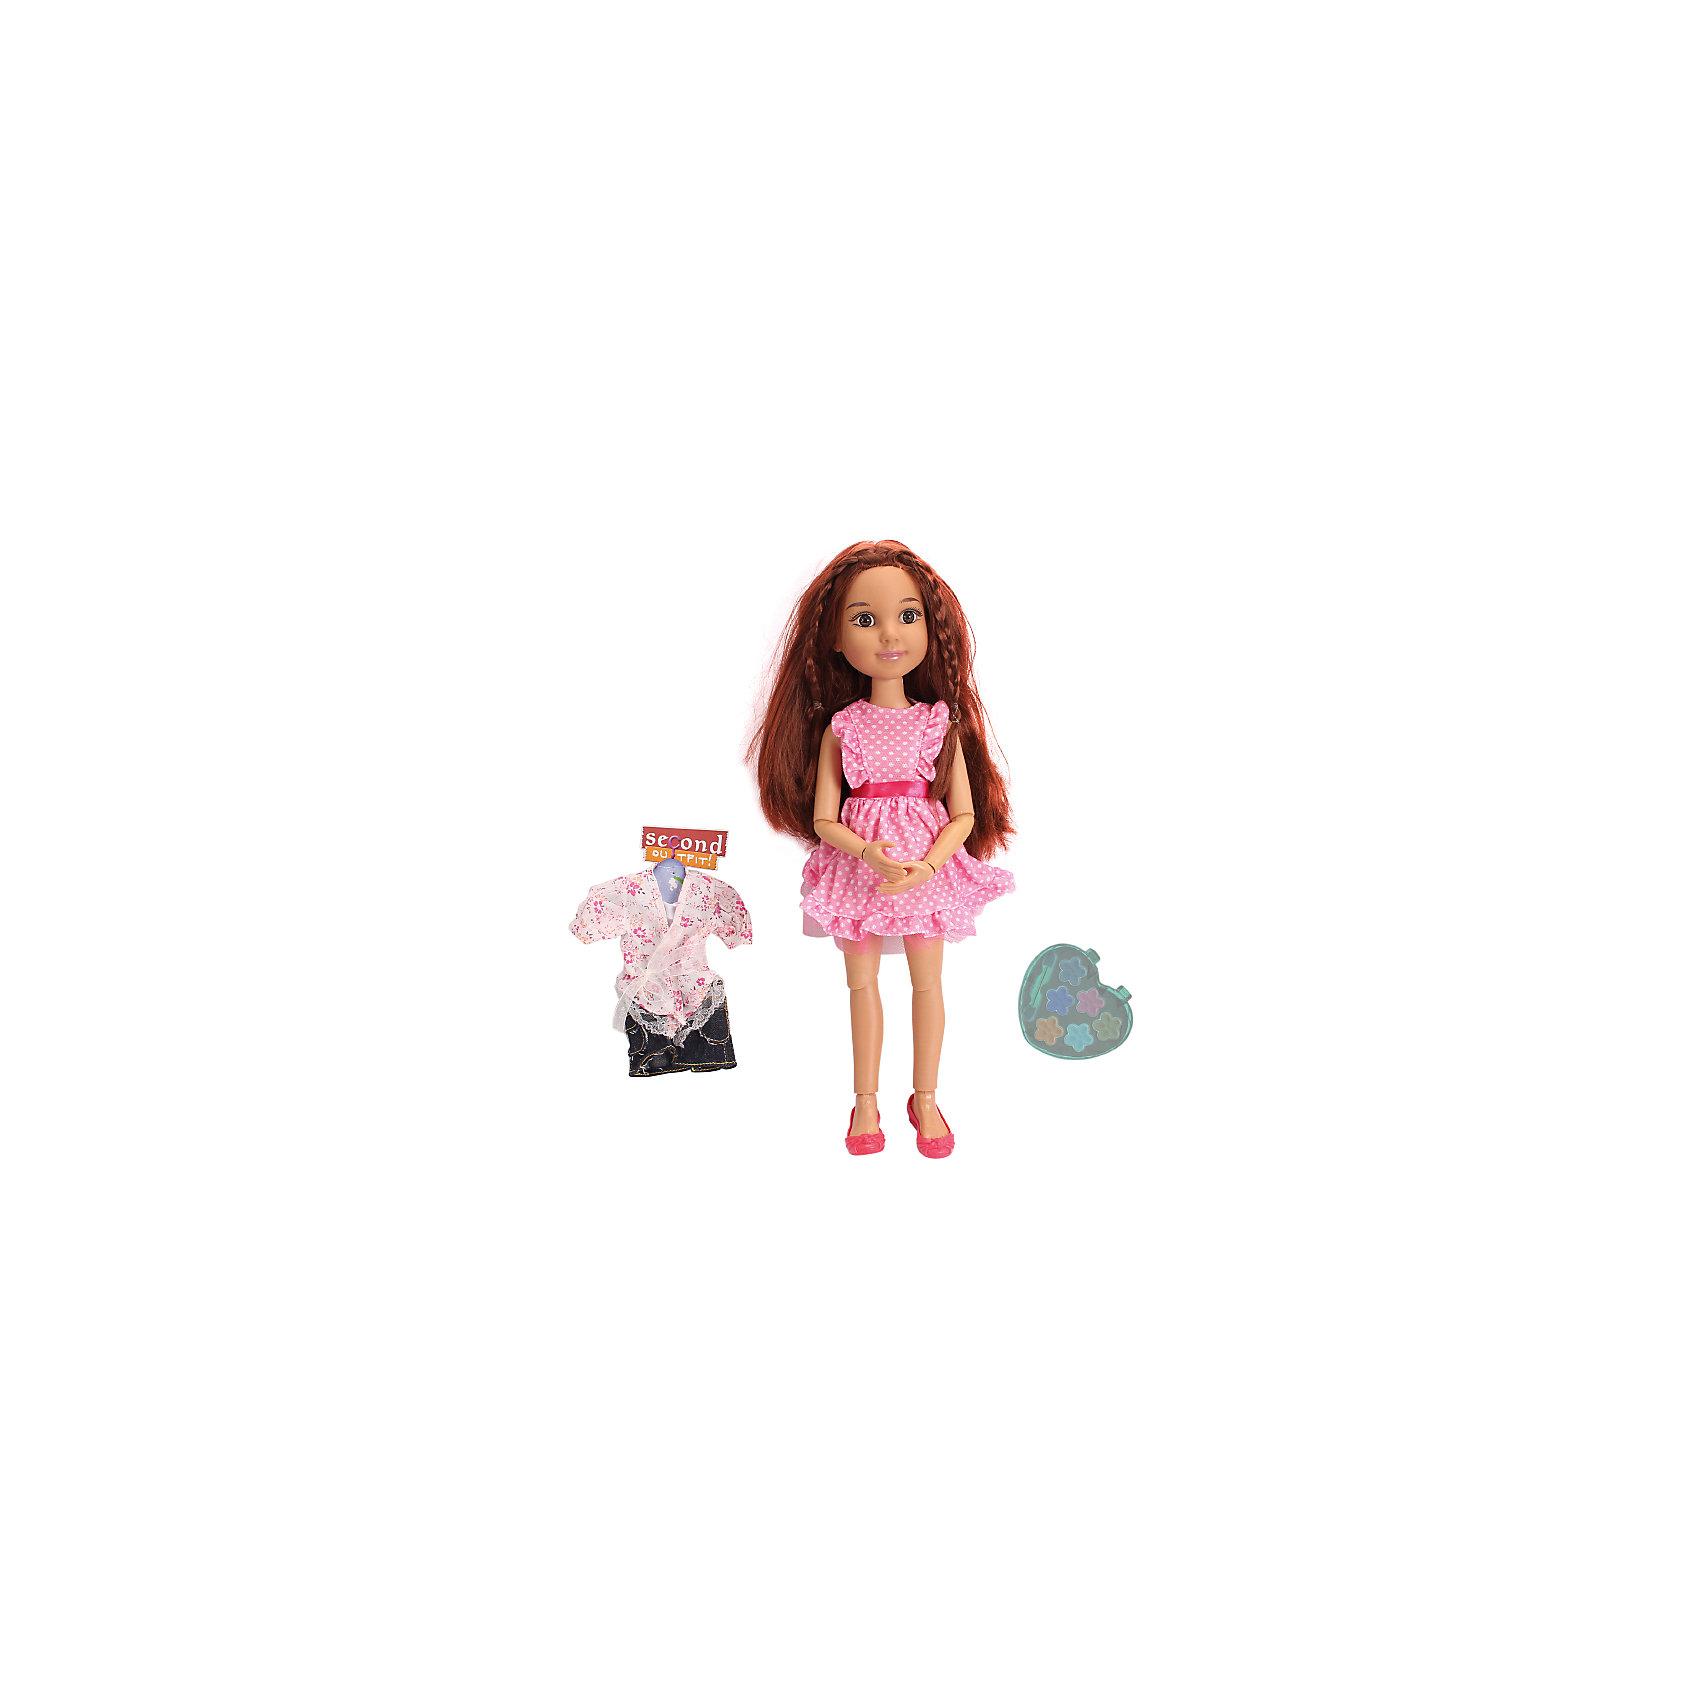 Кукла Макияж: Романтичная девчонка, 45,5 см, с аксессуарами, DollyToyКлассические куклы<br>Яркая модница ждёт встречи с новыми подружками! Эту куклу можно наряжать и делать ей настоящий макияж, косметика и стильные вещи есть в комплекте. Благодаря шарнирам можно менять положение ручек и ножек.<br> <br>Дополнительная информация:<br><br>Высота куклы: 45,5 см<br>В комплекте: кукла, косметика, одежда<br><br>Куклу Макияж: Романтичная девчонка, 45,5 см, с аксессуарами, DollyToy можно купить в нашем магазине.<br><br>Ширина мм: 370<br>Глубина мм: 110<br>Высота мм: 355<br>Вес г: 1083<br>Возраст от месяцев: 72<br>Возраст до месяцев: 1188<br>Пол: Женский<br>Возраст: Детский<br>SKU: 4590209